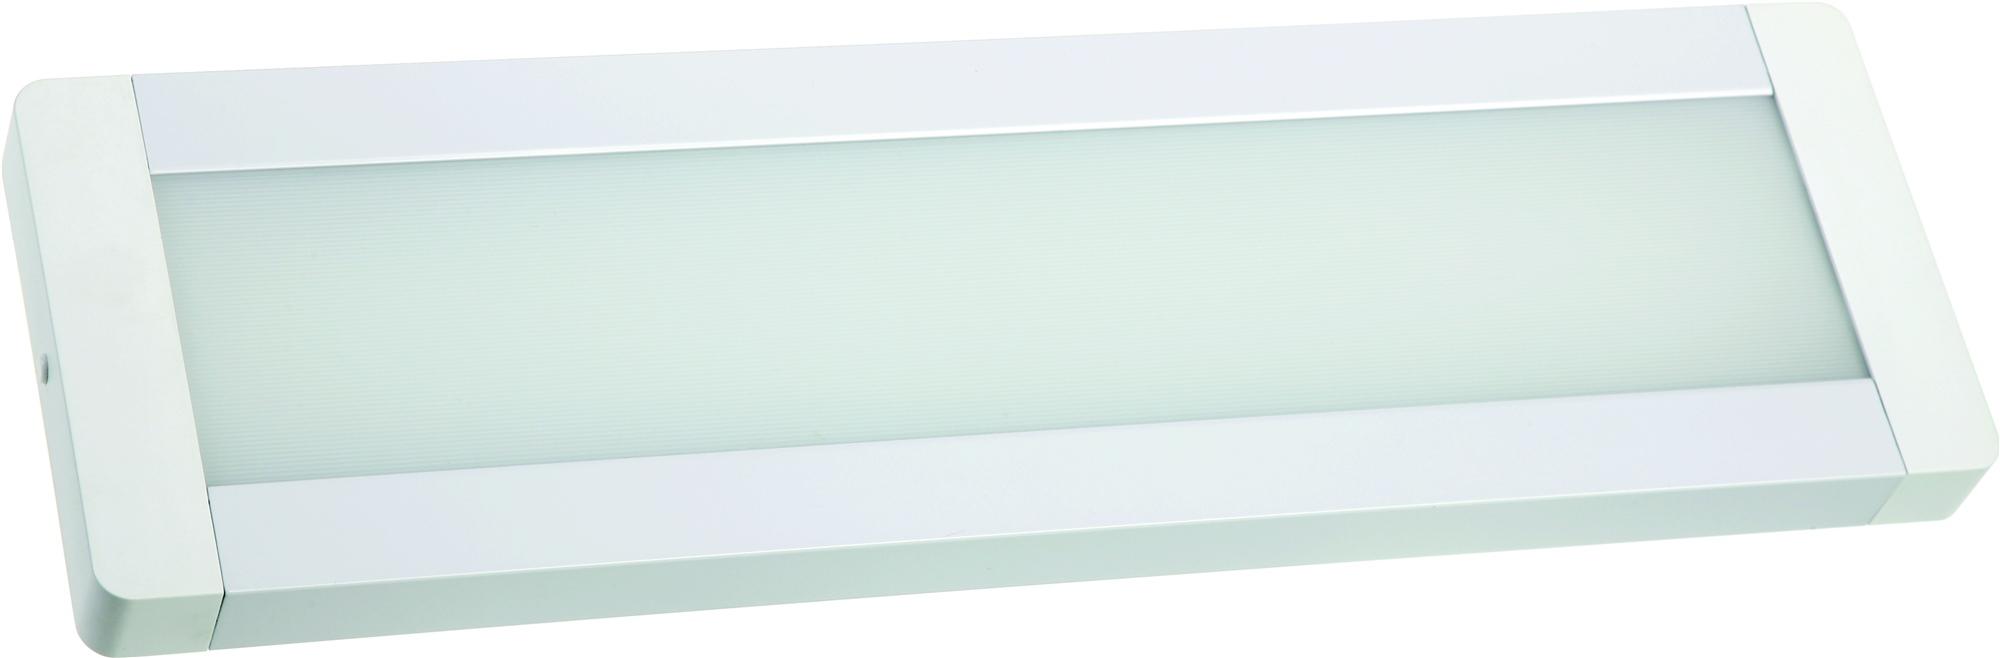 Lampenlux LED Wandlampe Niri Spiegelleuchte Badleuchte Unterbauleuchte Küchenlampe Aufbau